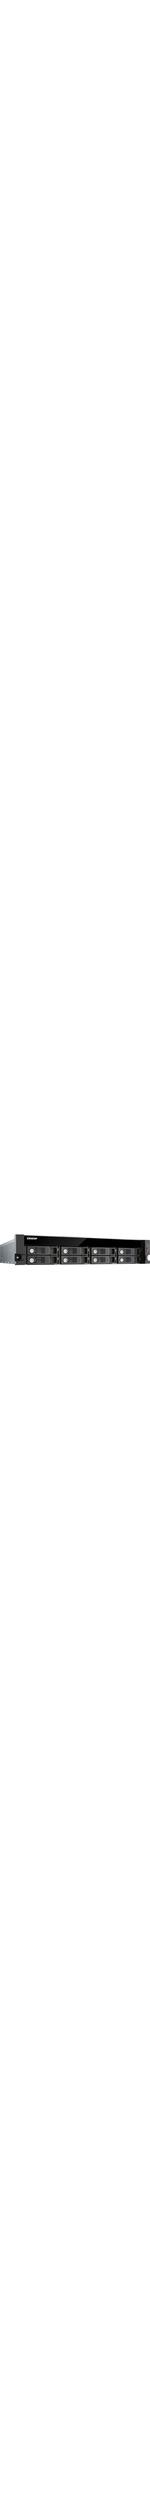 QNAP Turbo NAS TS-853U 8 x Total Bays NAS Server - 2U - Rack-mountable - Intel Celeron Quad-core 4 Core 2 GHz - 4 GB RAM DDR3L SDRAM - Serial ATA/600 - RAID Suppor